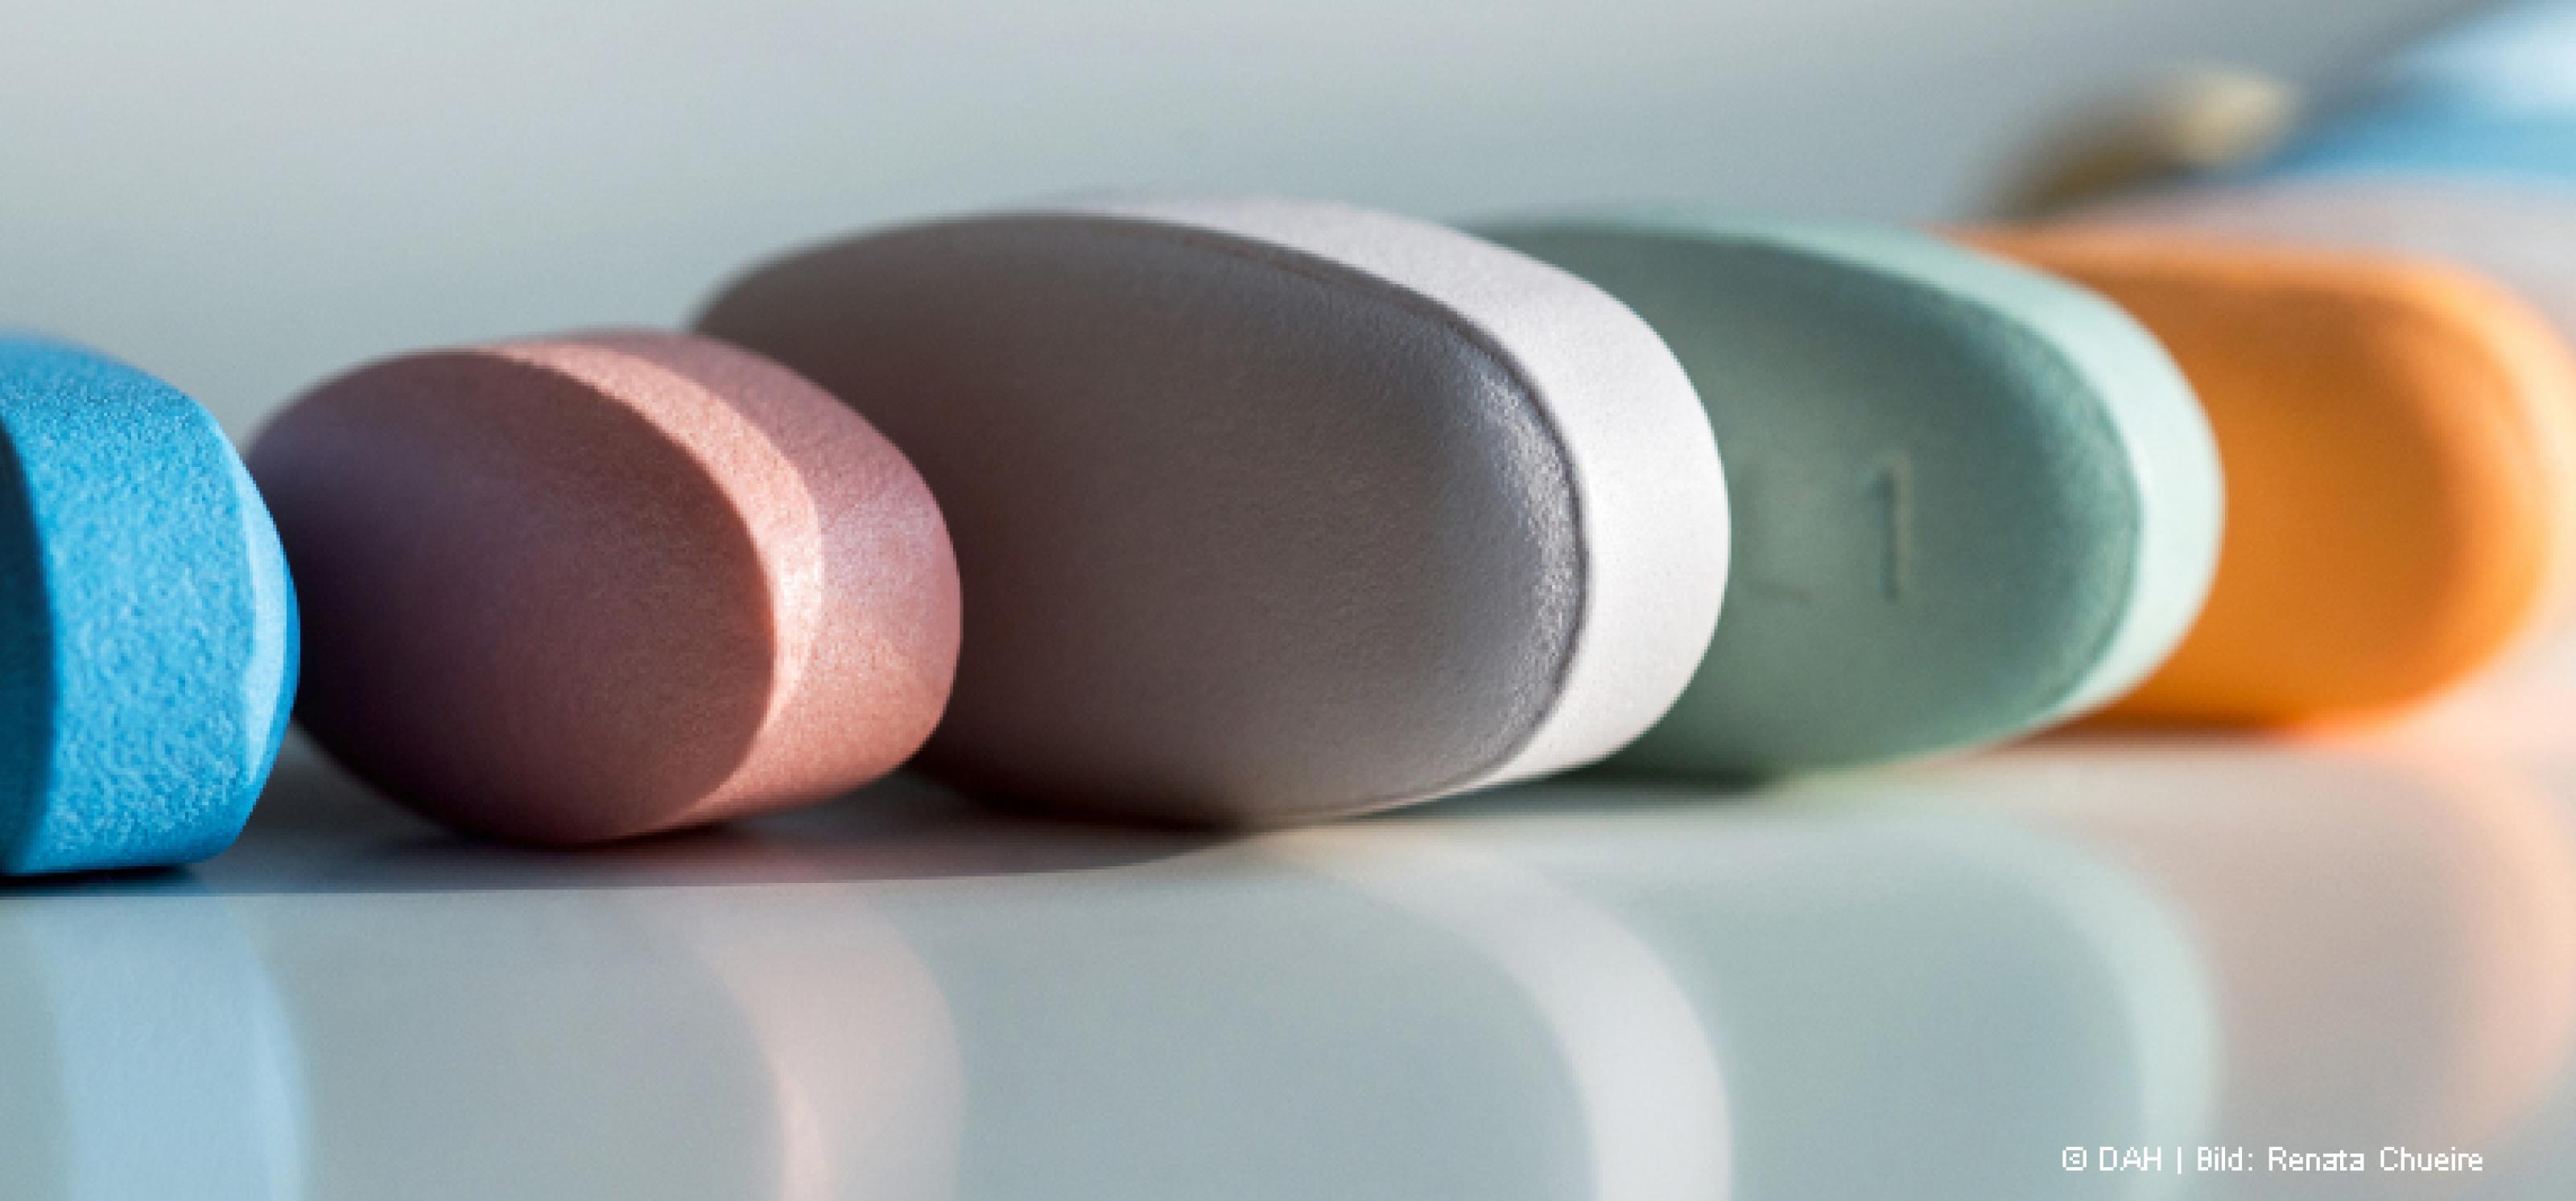 Mehrere Tabletten in verschiedenen Farben liegen aneinander gereiht auf einem weißen Tisch vor weißem Hintergrund